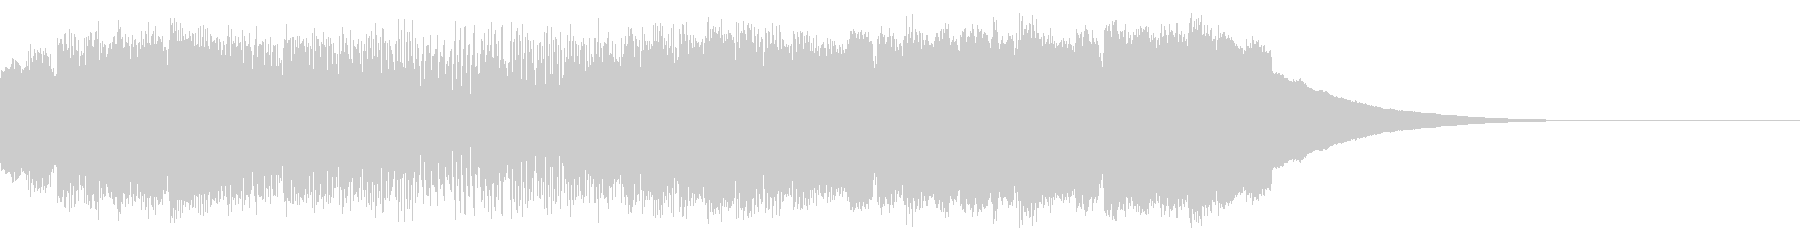 パチンコ的アイテム獲得音06(電子音)の未再生の波形